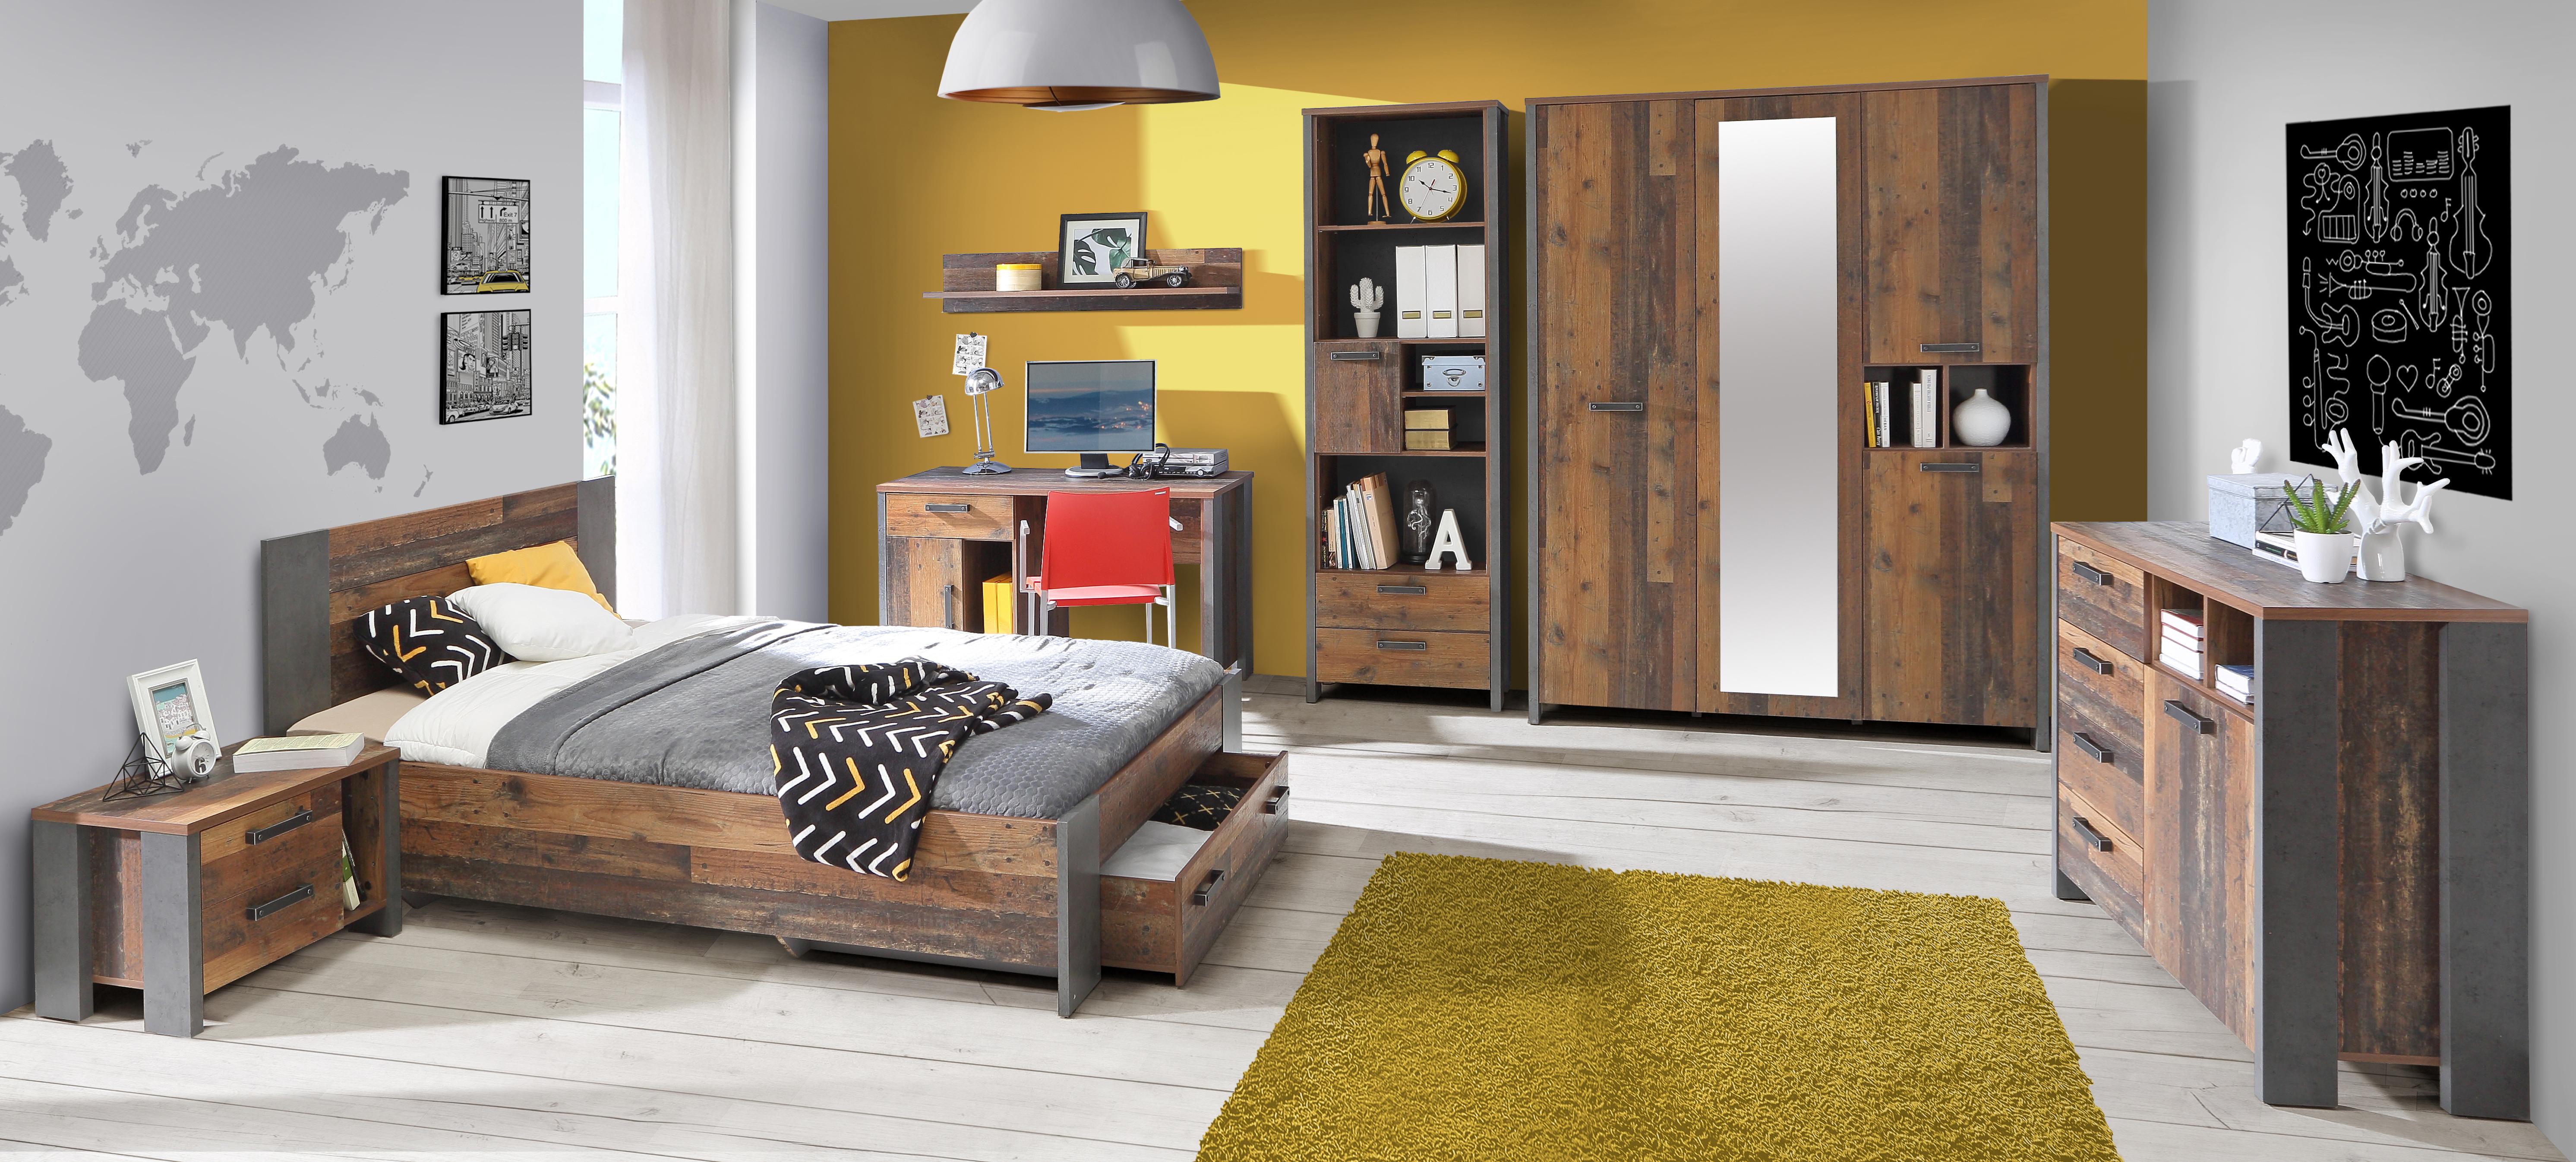 Jugendzimmer komplett Set Cleo 7-teilig 120x200